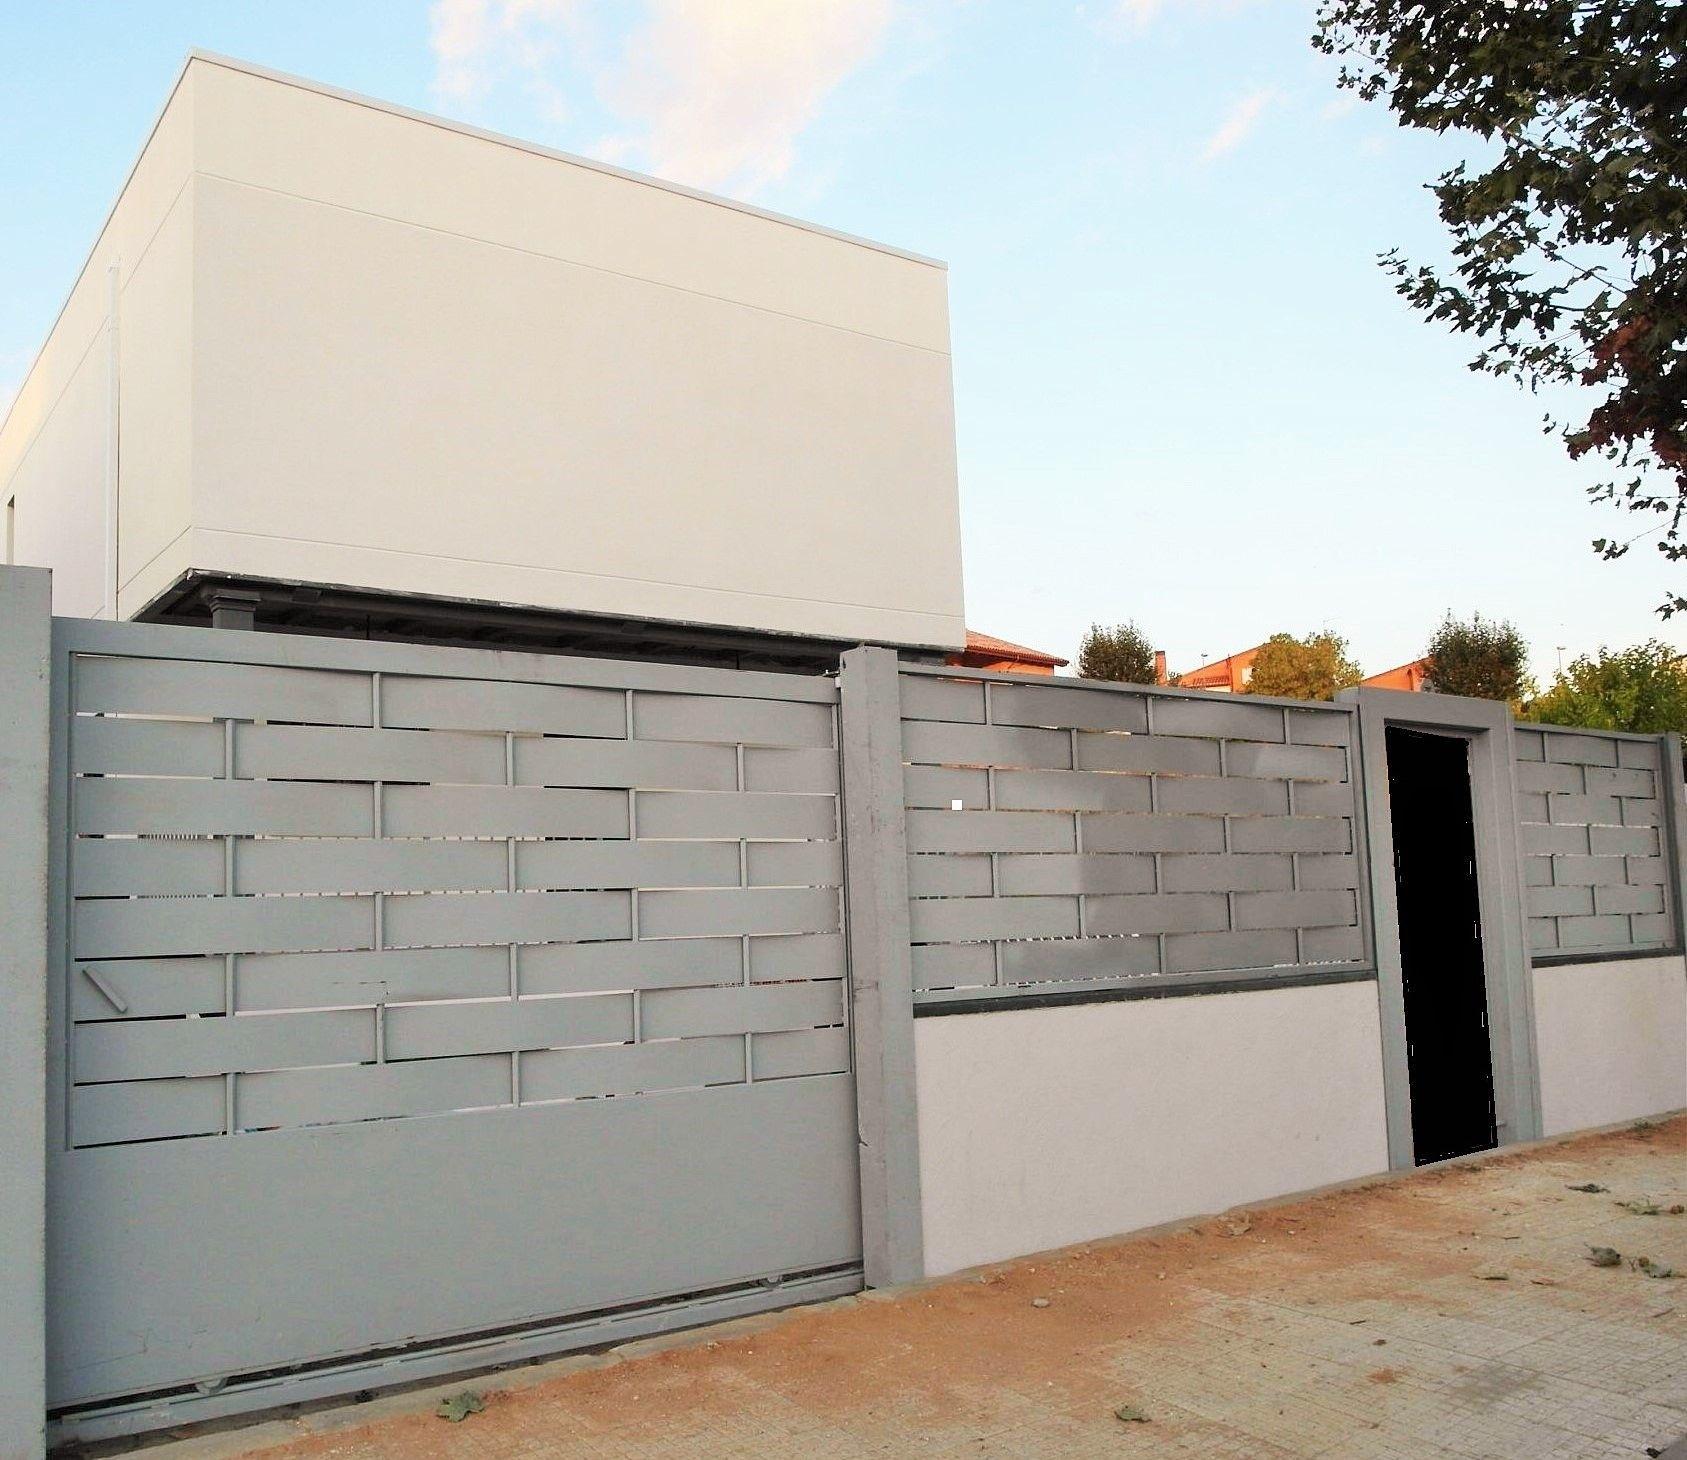 Cerramiento exterior casa prefabricada cubica - Cerramientos de piedra ...